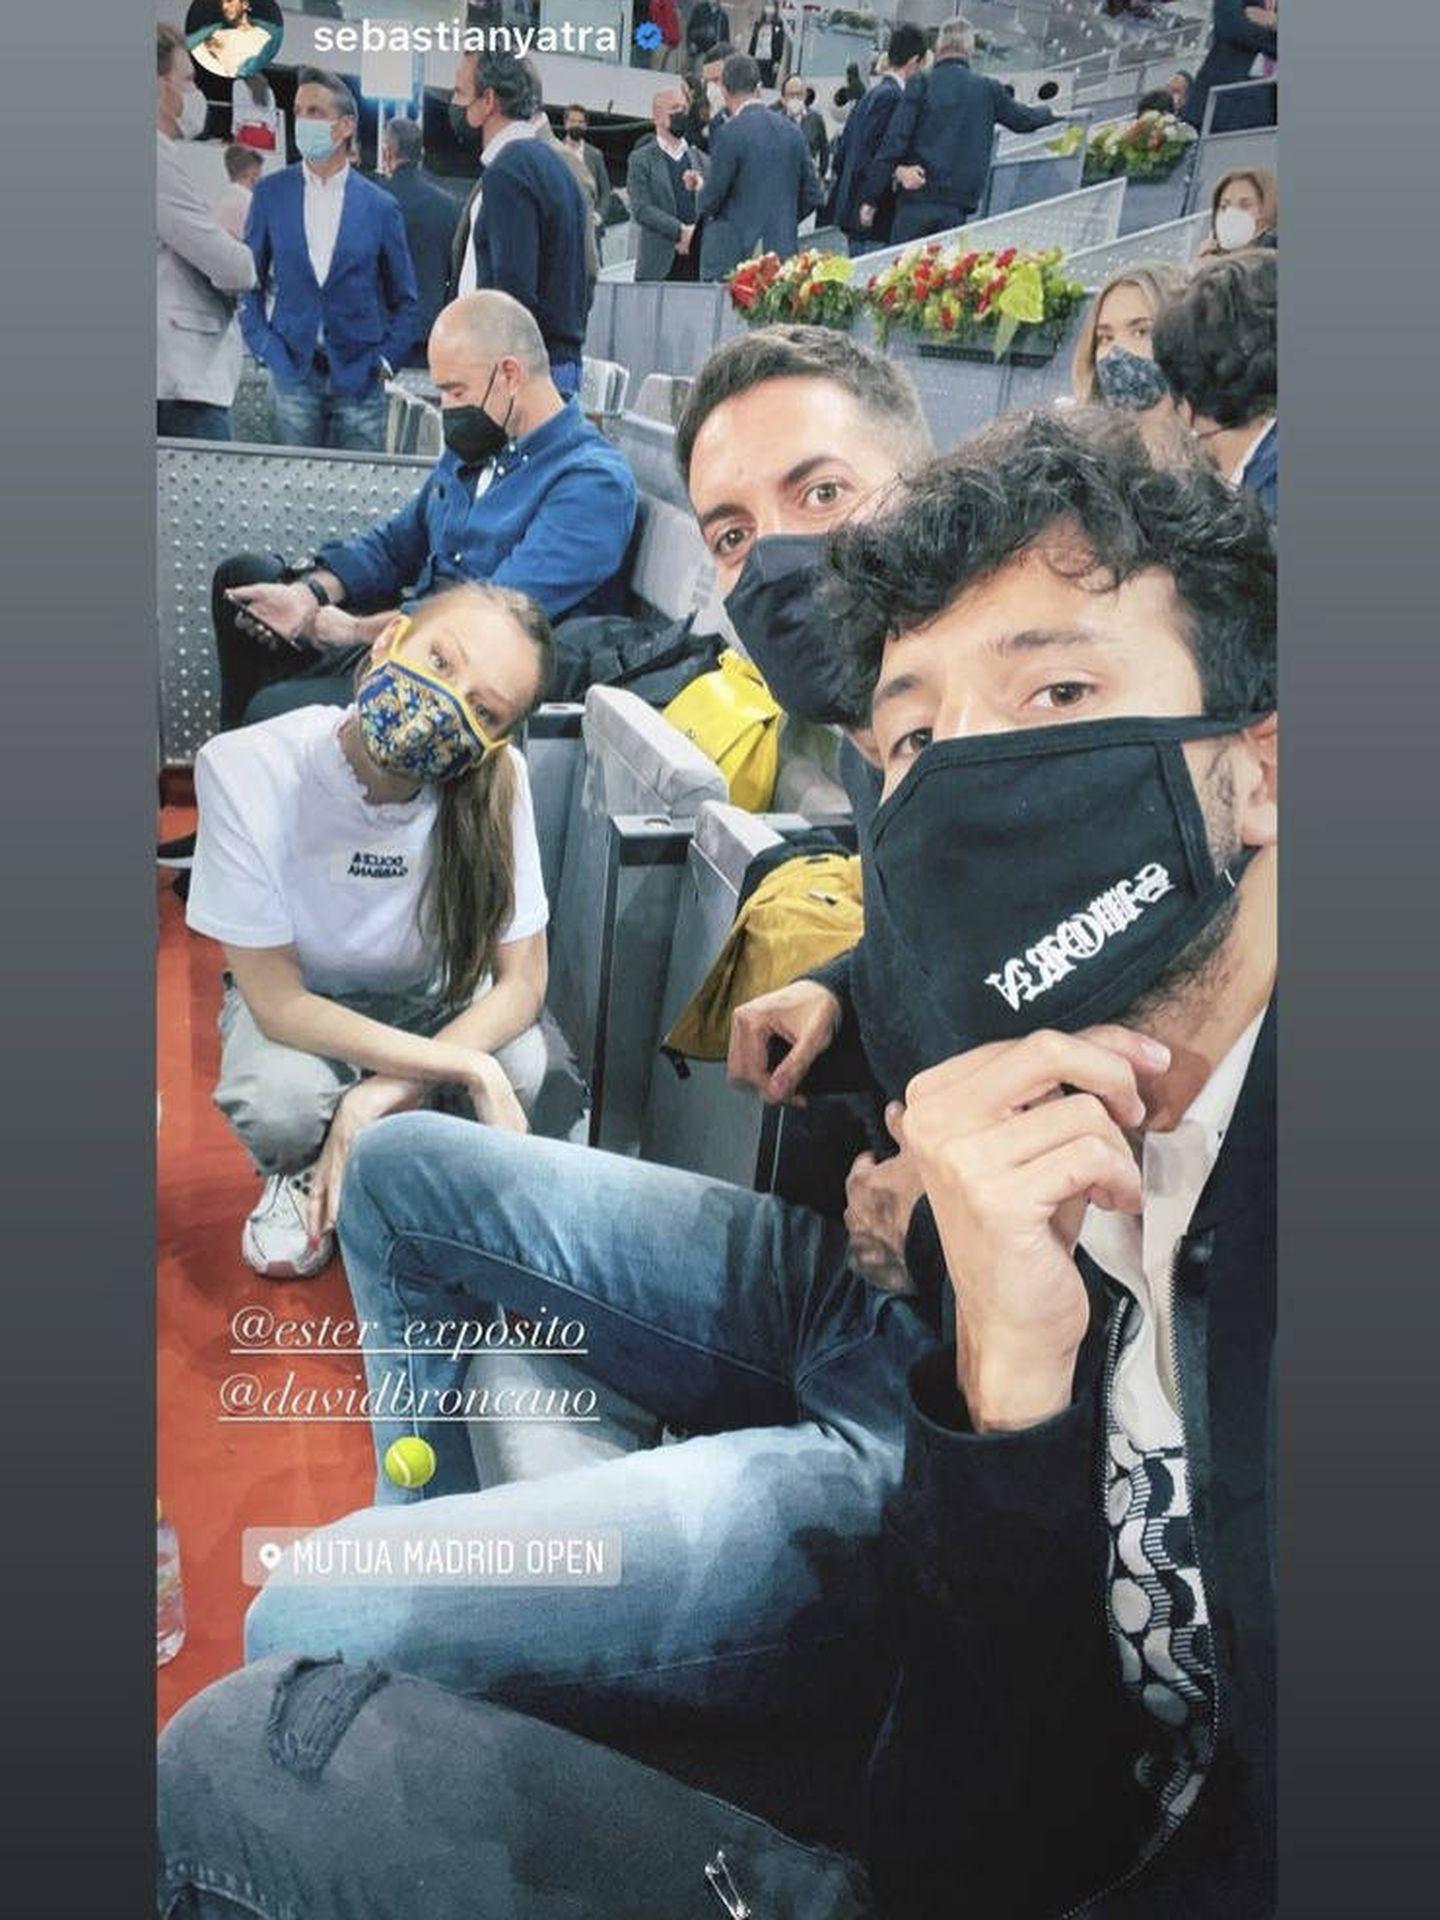 Ester Expósito, David Broncano y Sebastián Yatra. (Instagram)